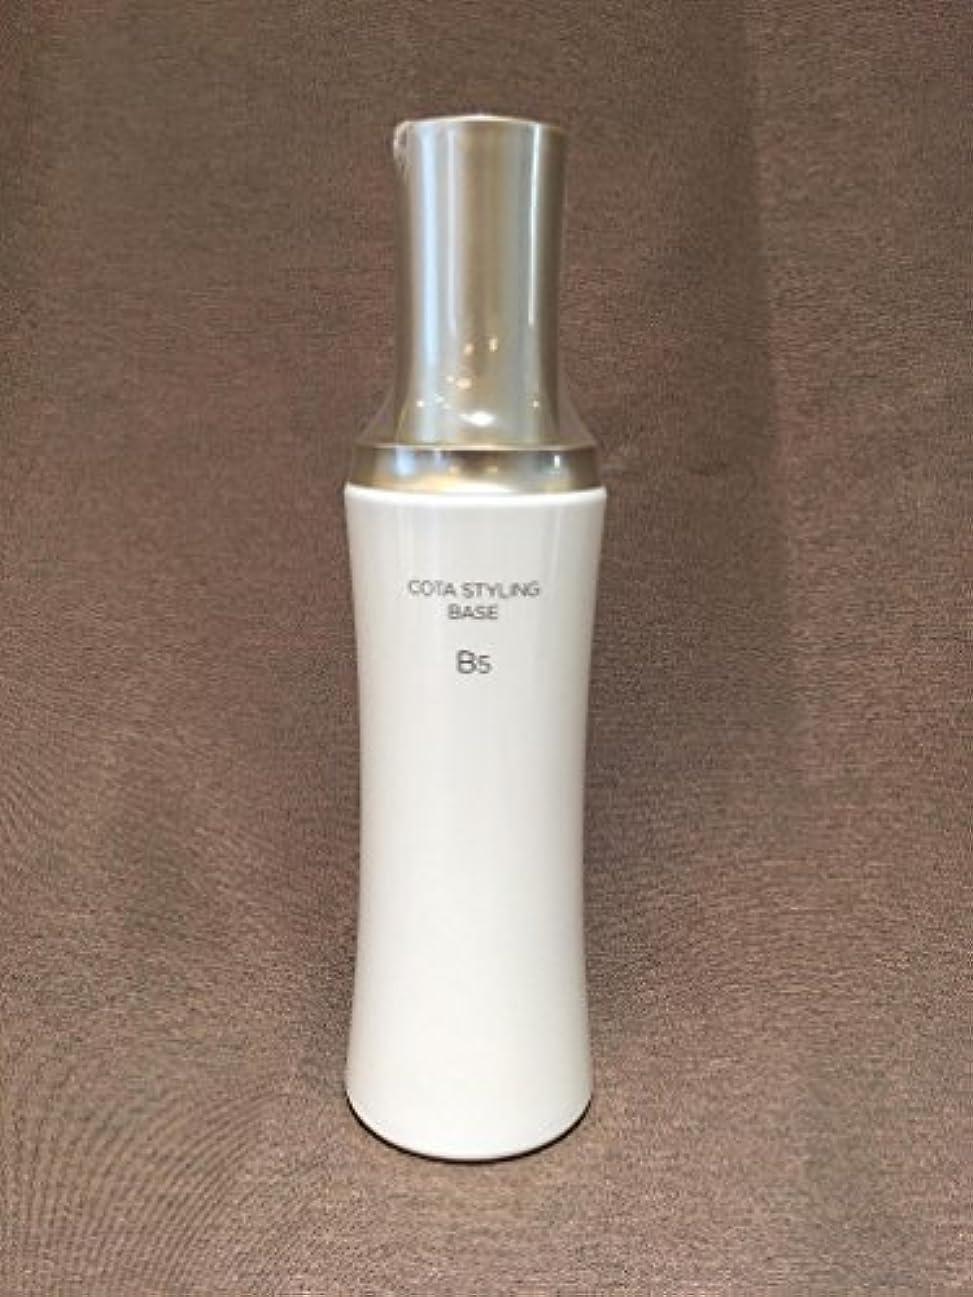 津波改修学生コタ スタイリング ベース B5 200g